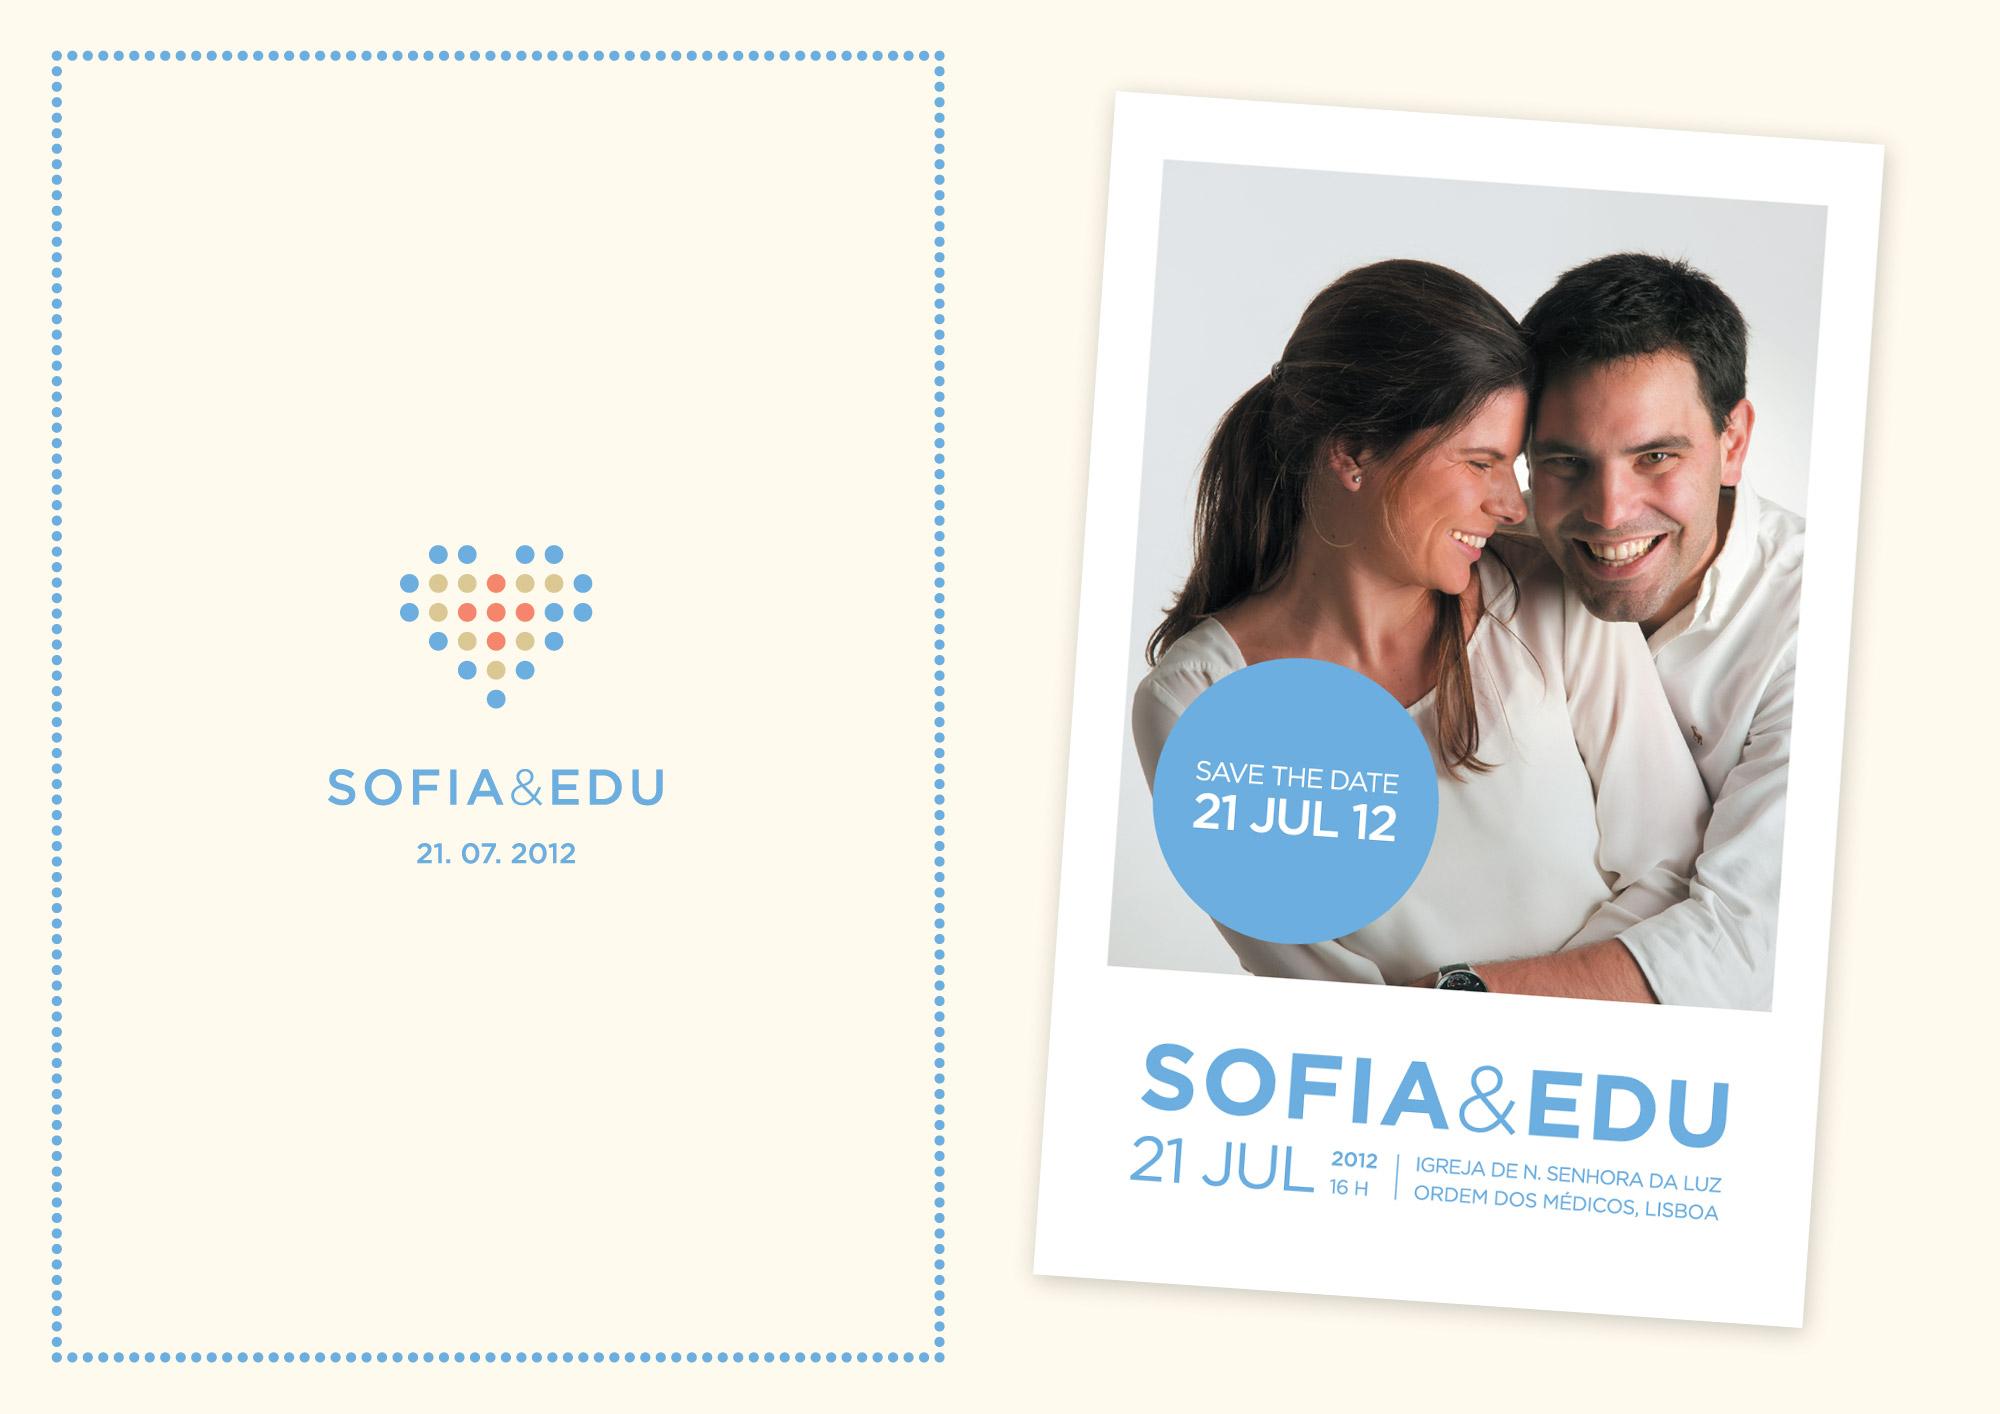 sofia-edu_01